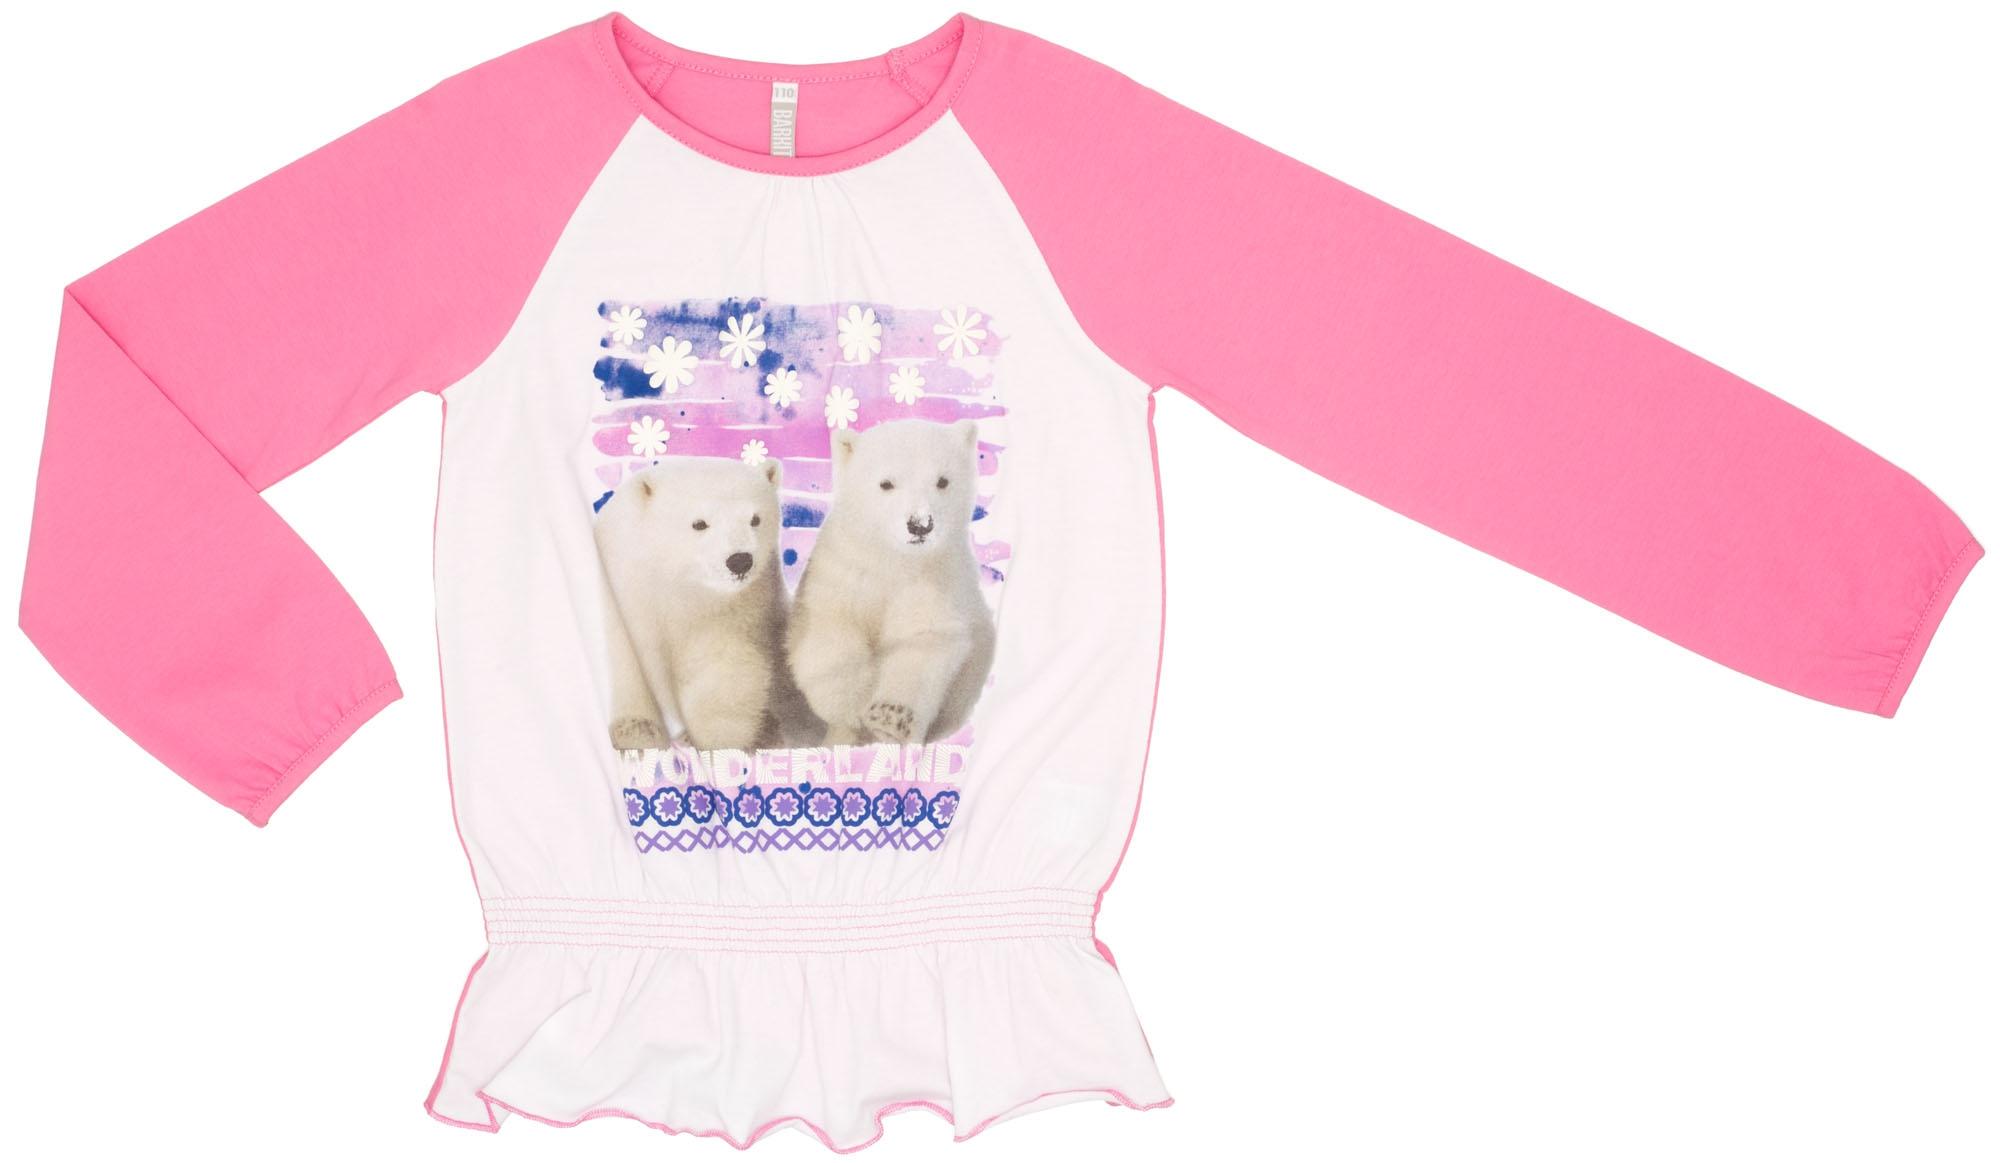 Футболки и топы Barkito Футболка с длинным рукавом для девочки Арктика Barkito розовый топы и футболки